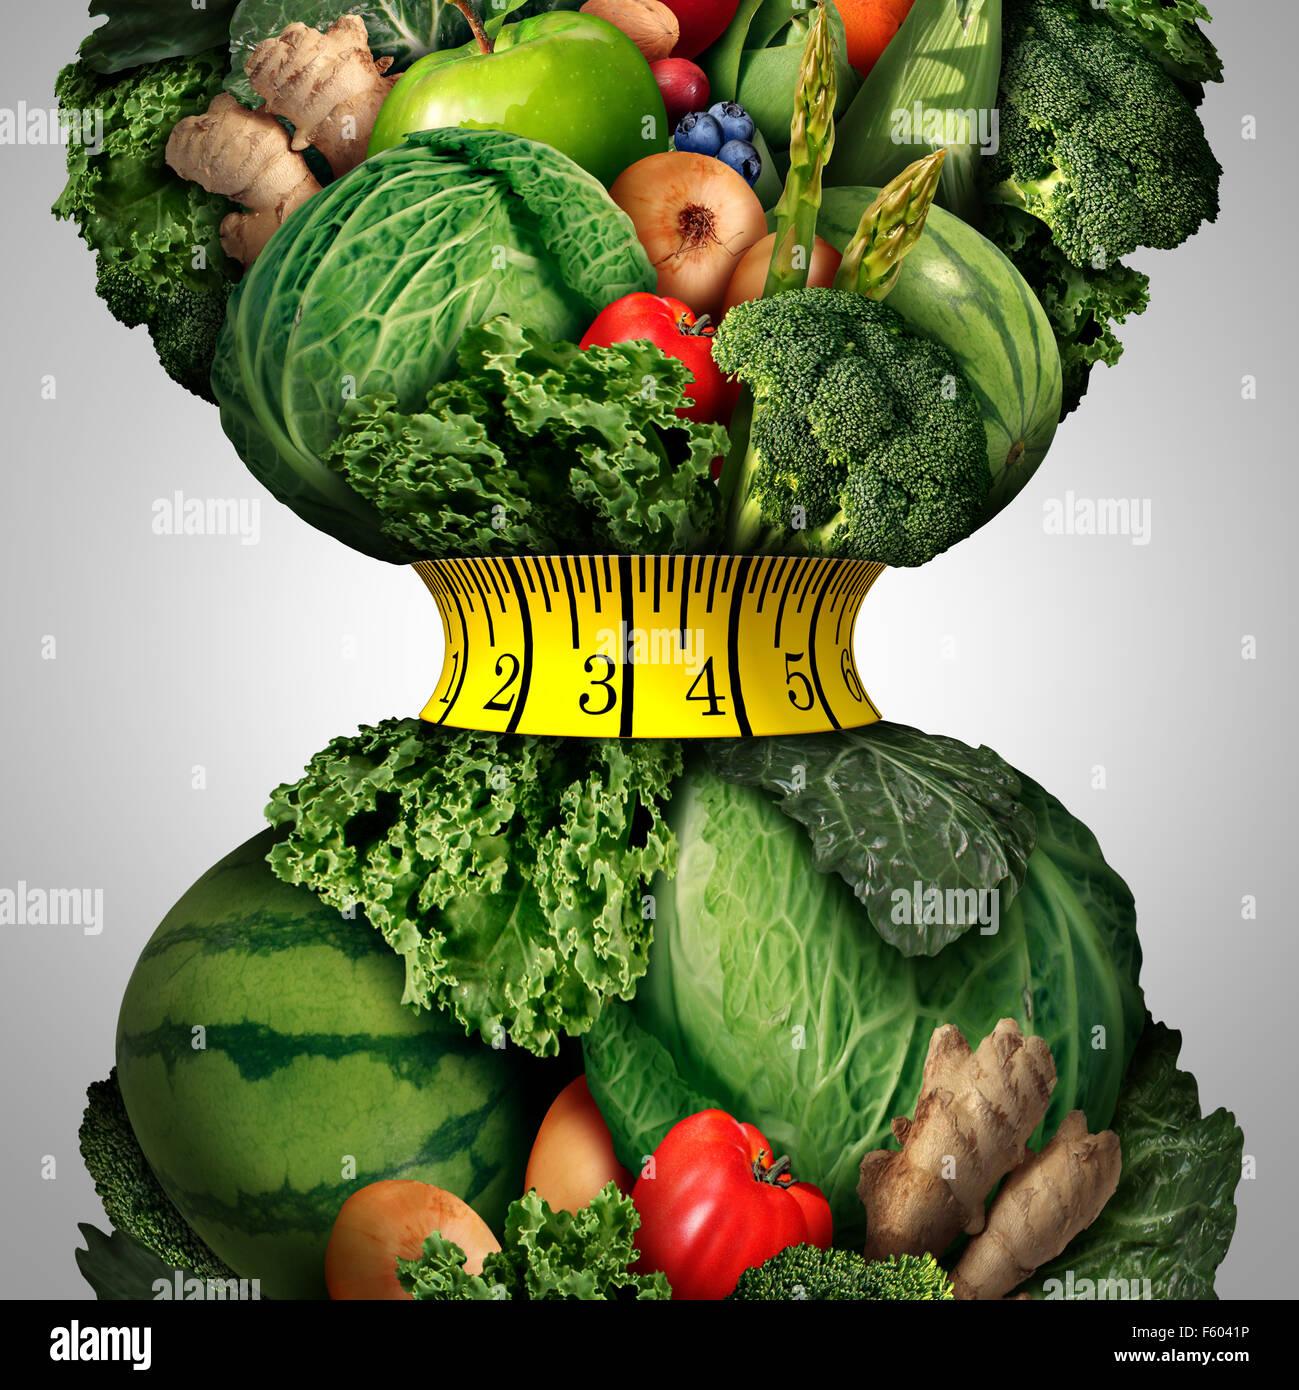 Gesunde Gewichtsabnahme Diät als eine Gruppe von frischem Obst und Gemüse mit einem Fitness Maßband Stockbild